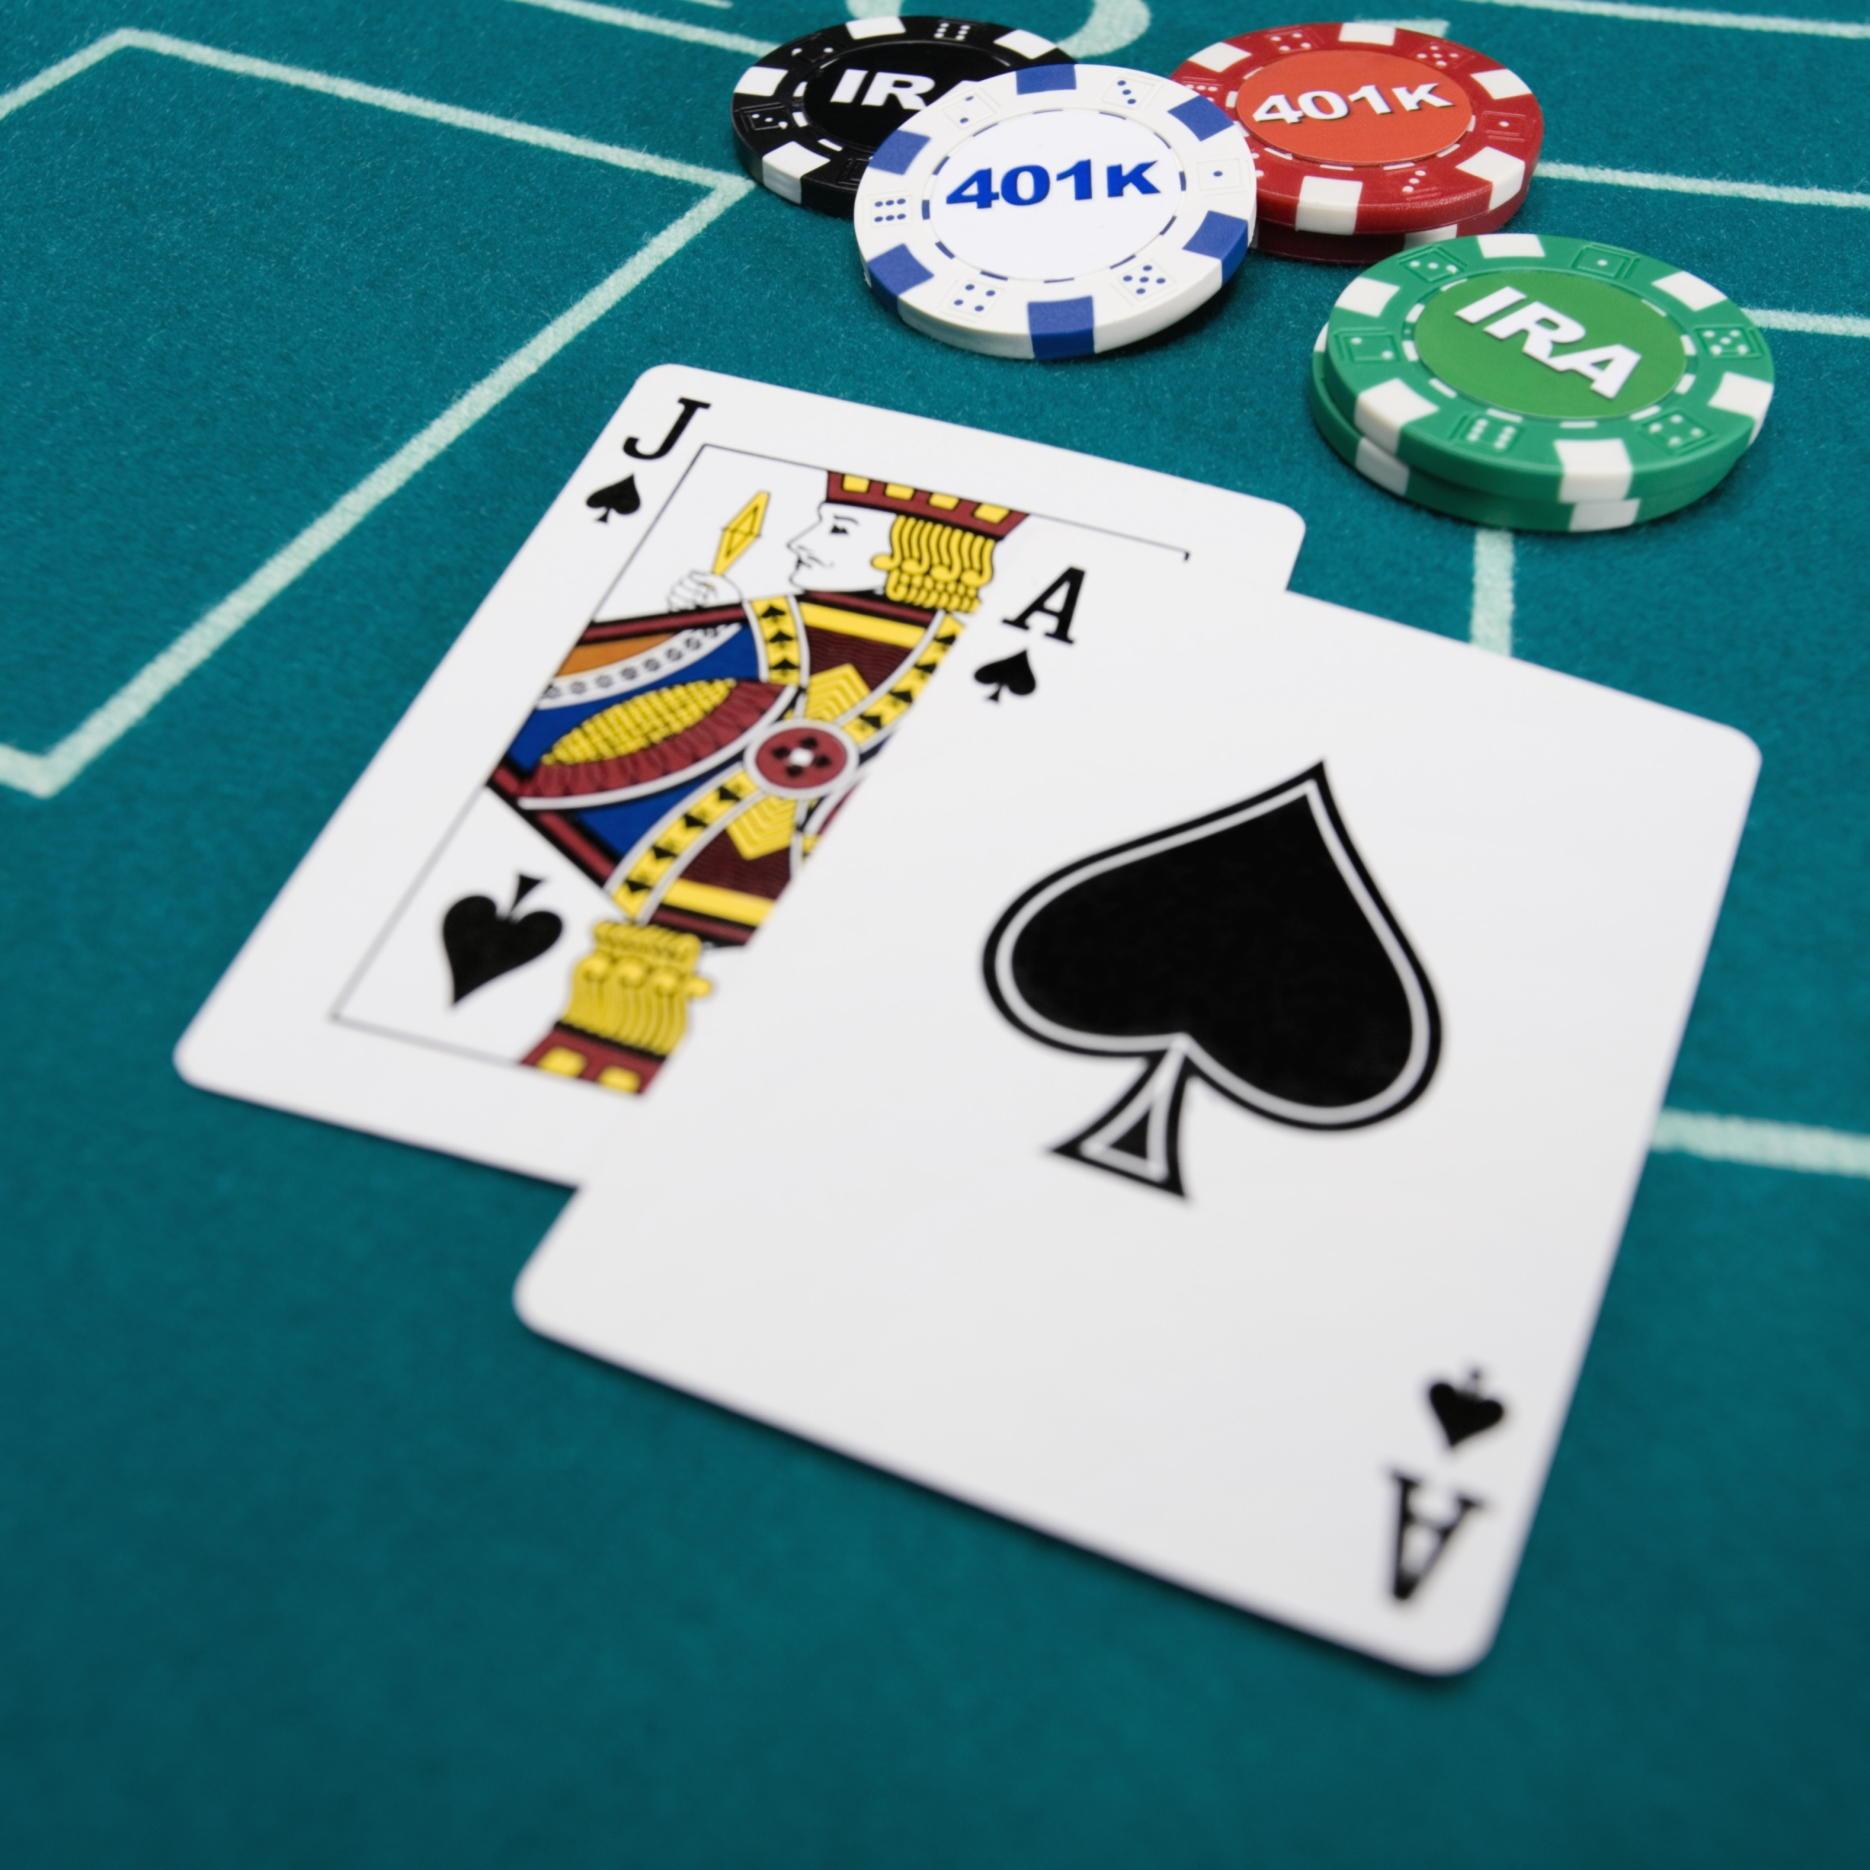 £ 440 Bezplatný turnaj v kasíne Kasíno